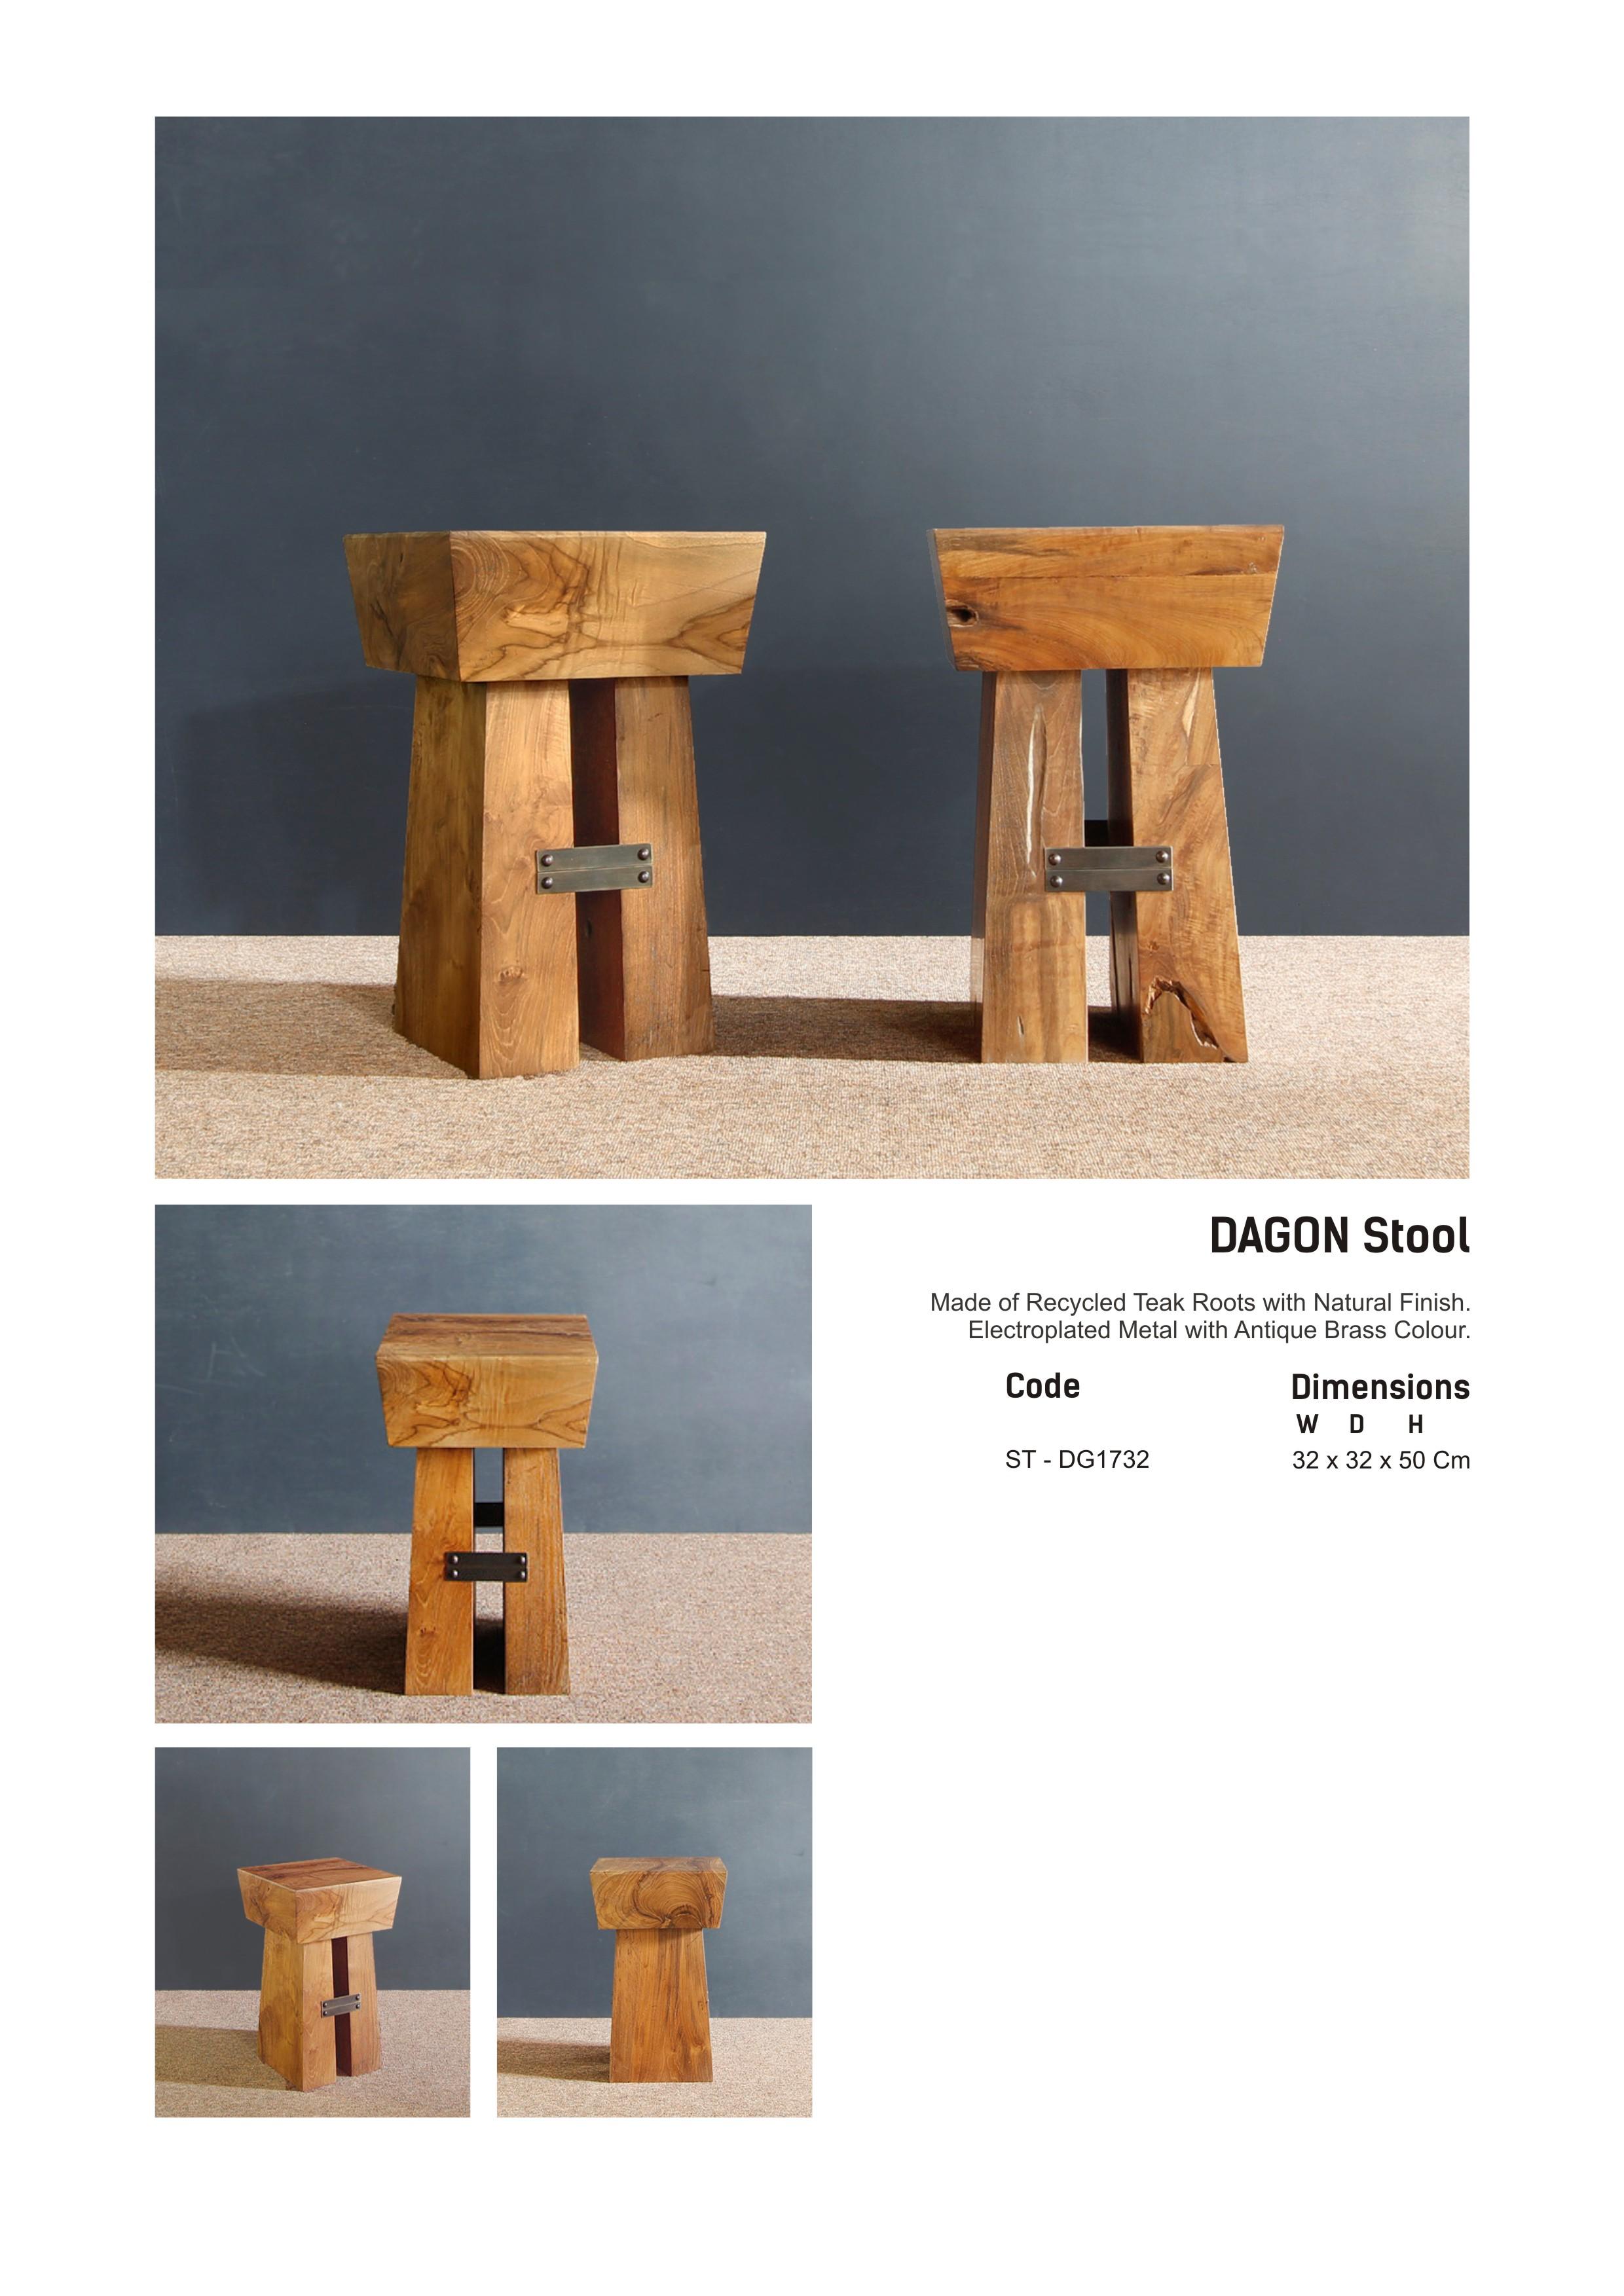 17. DAGON - Stool